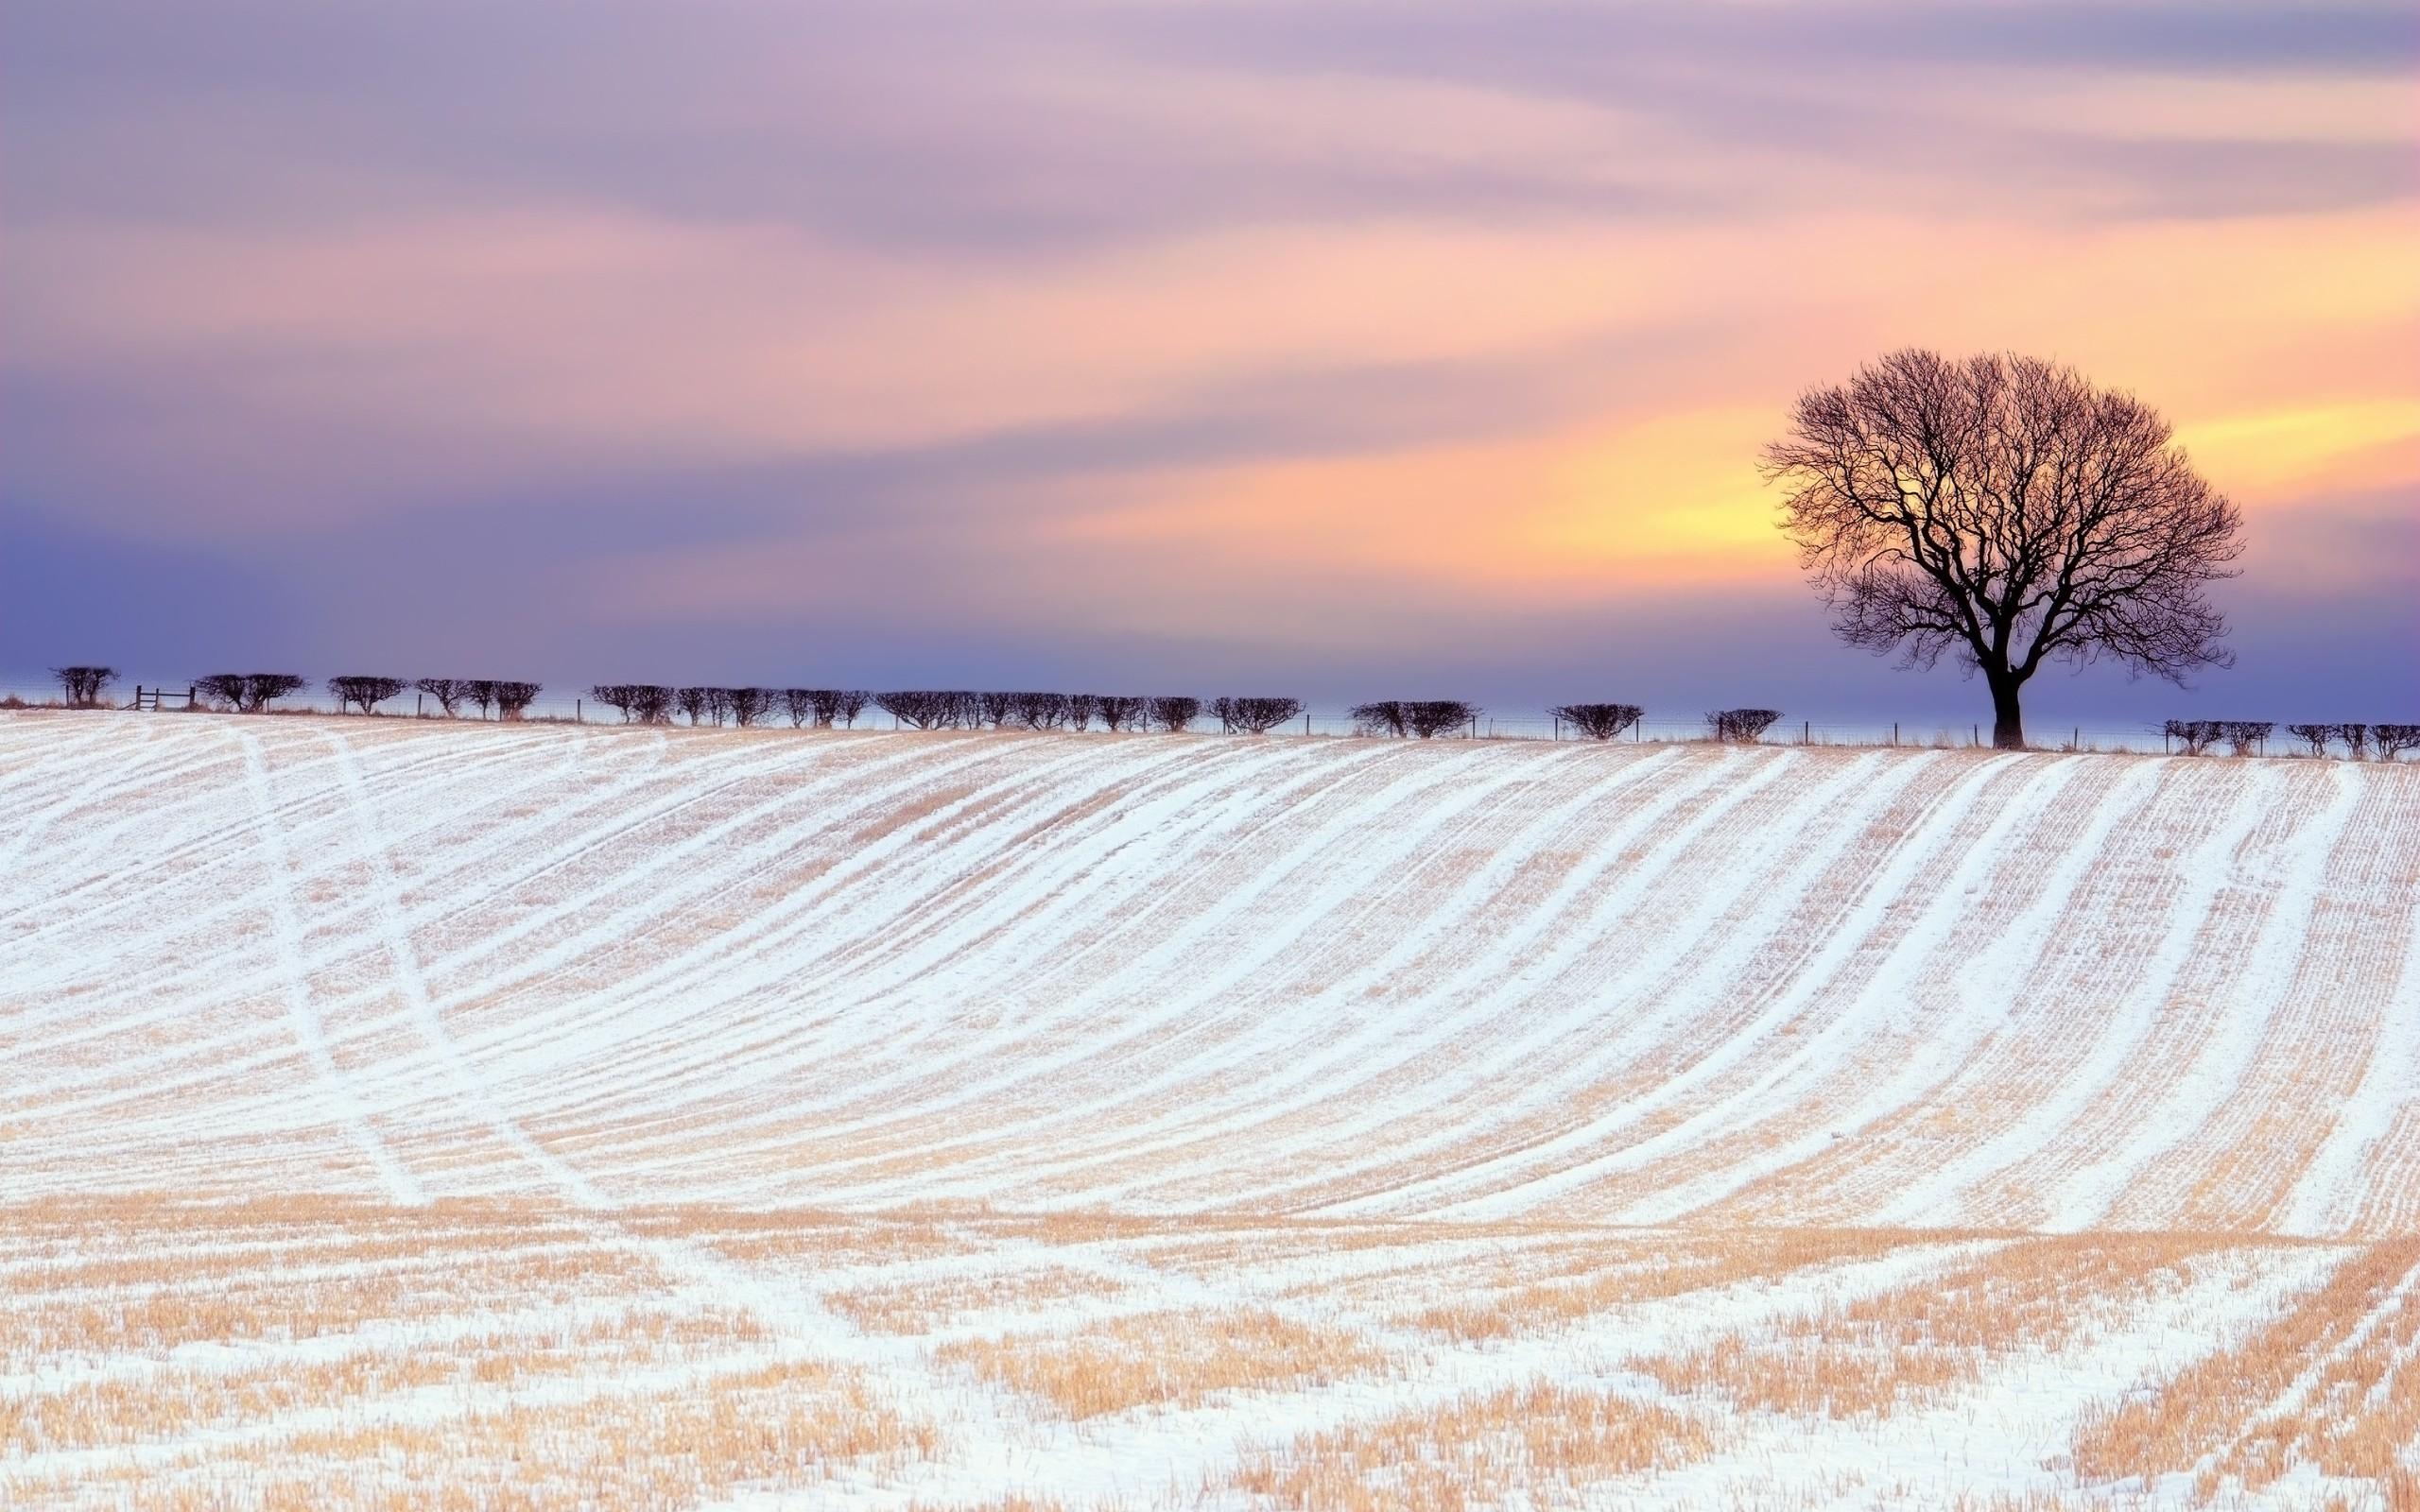 Paisajes increíbles en nieve - 2560x1600